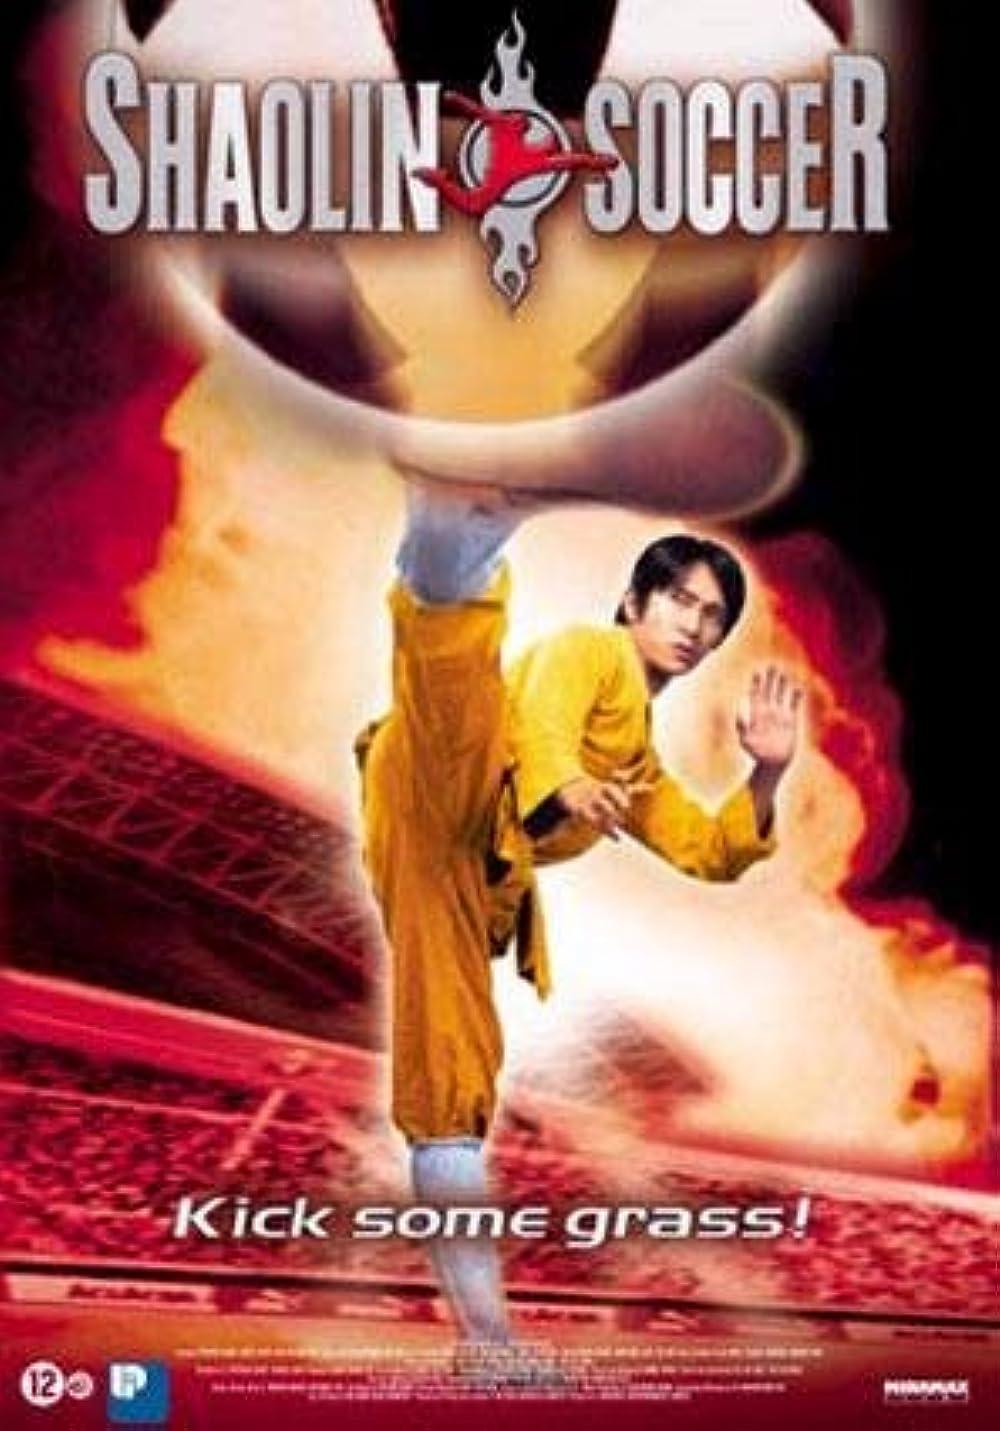 Shaolin Soccer (2001) - IMDb